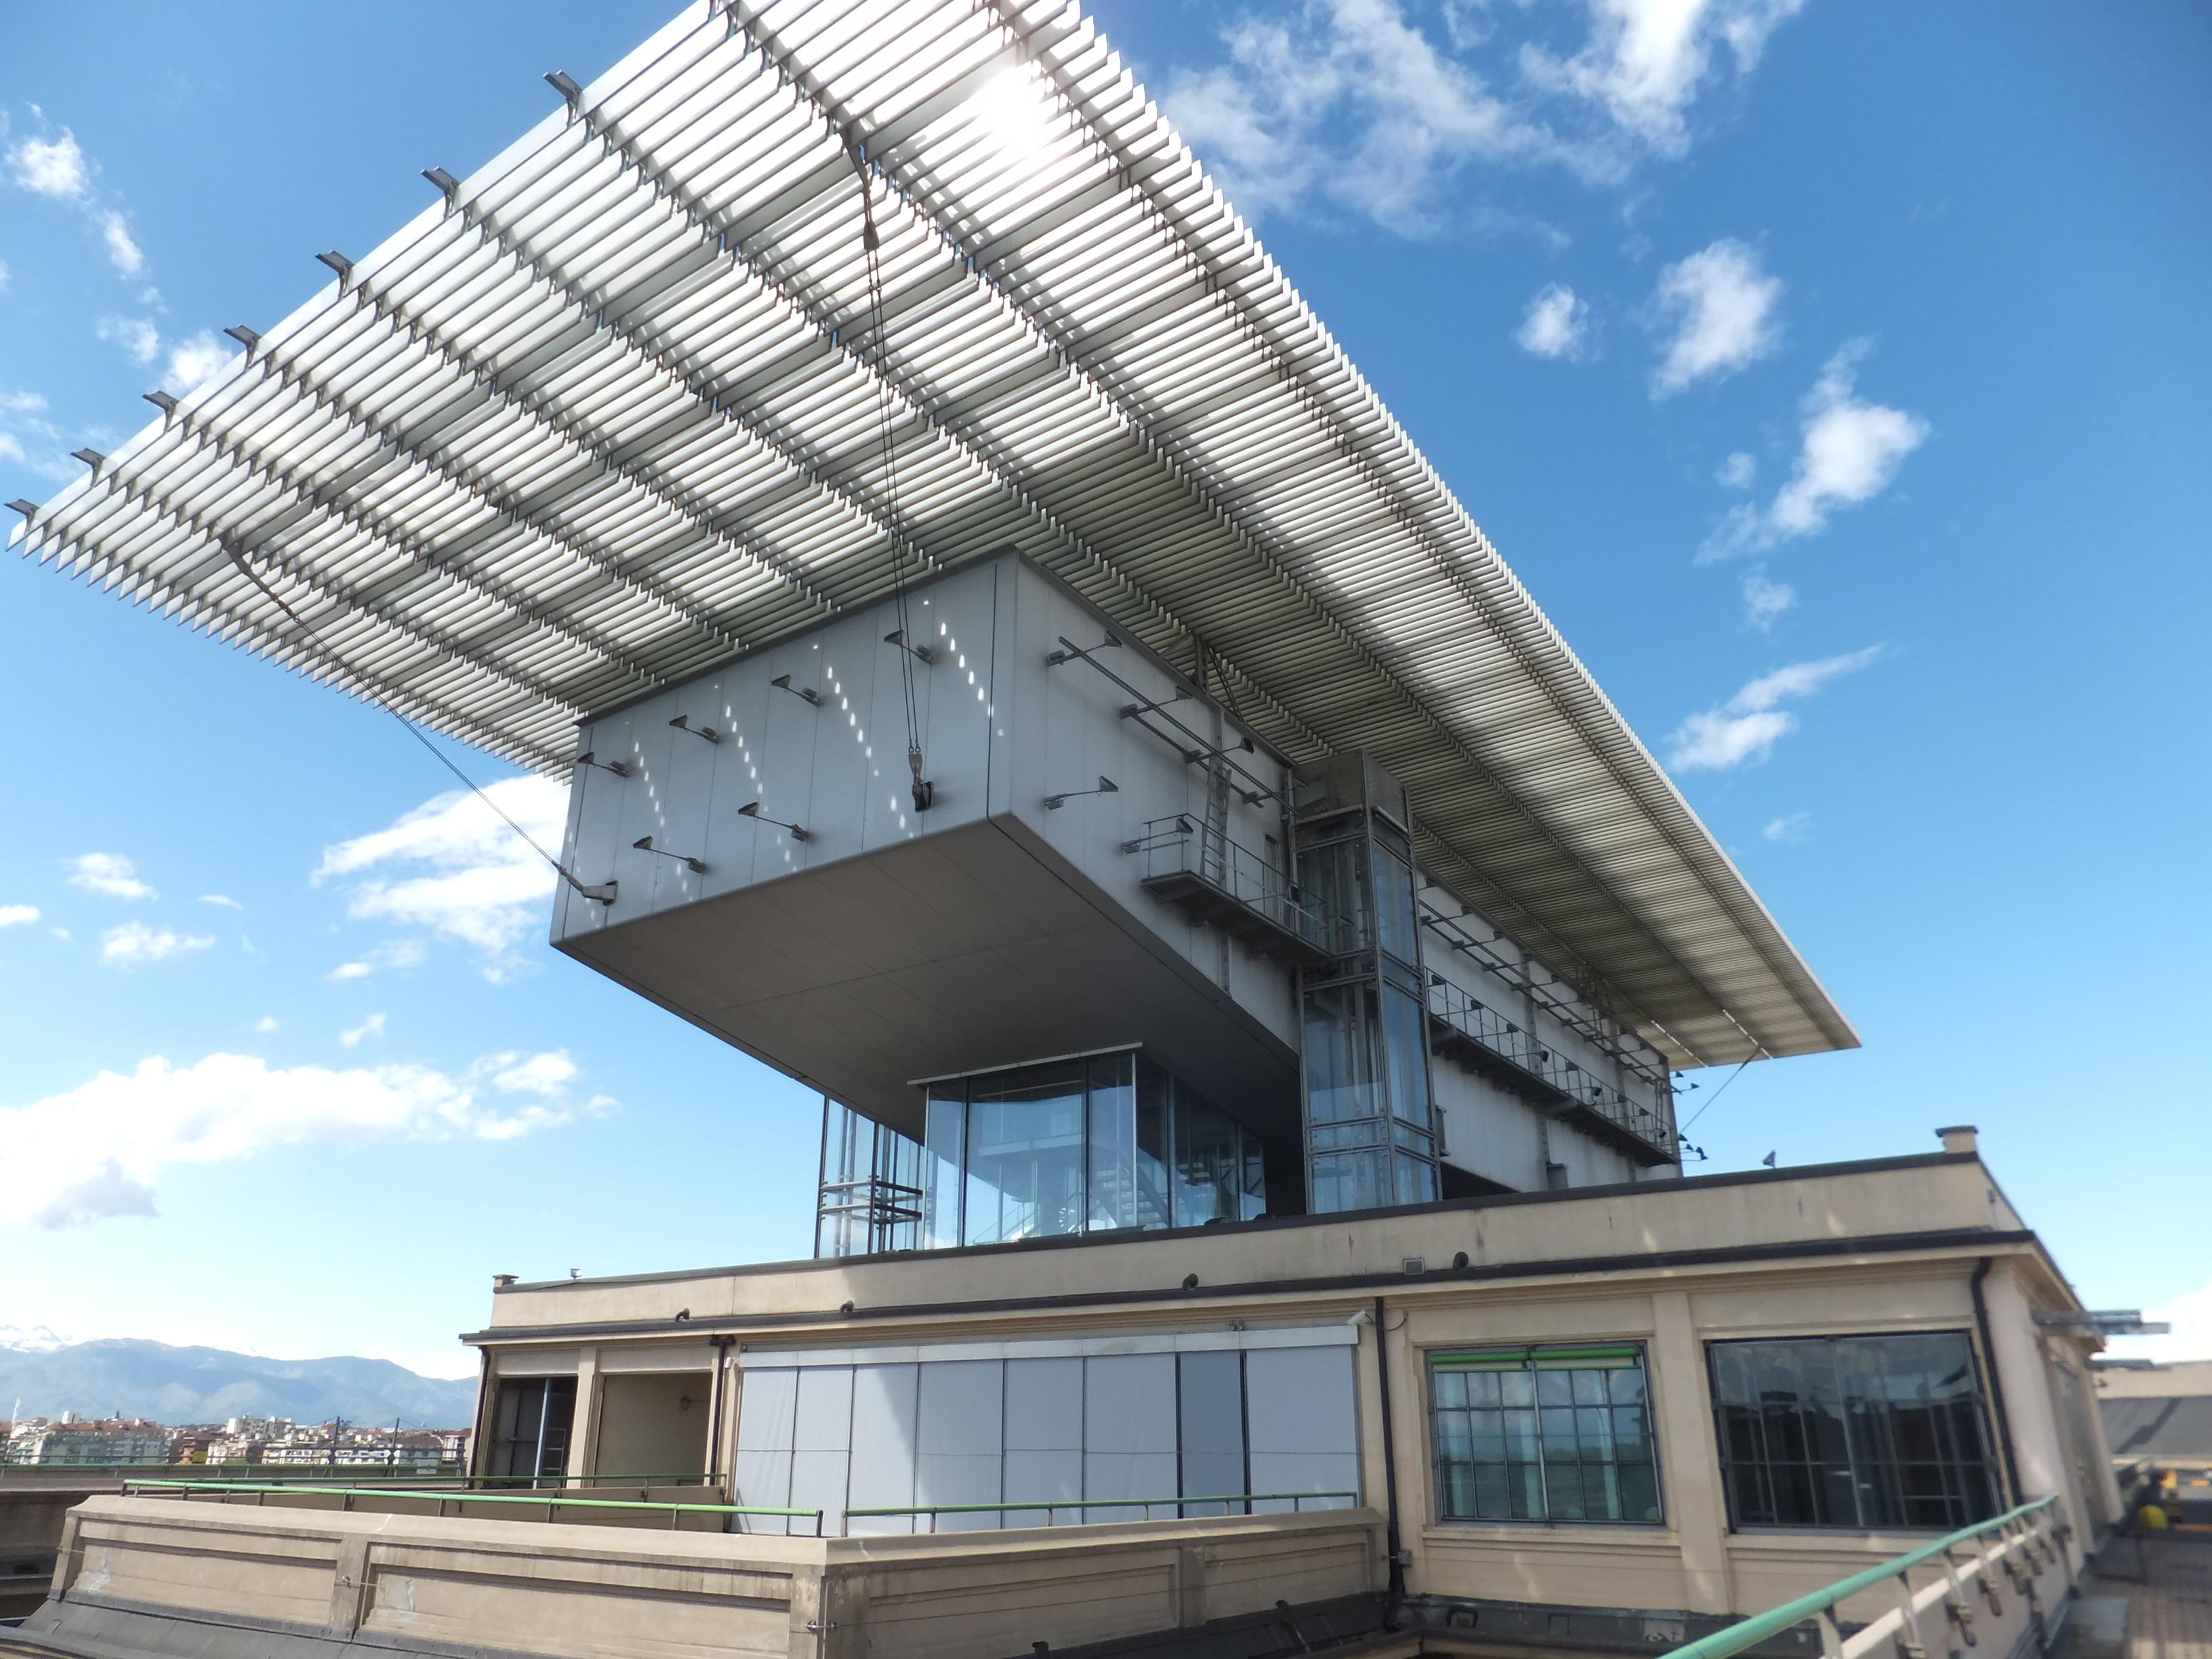 Opere Di Renzo Piano file:ls pinacoteca giovanni e marella agnelli progettata da